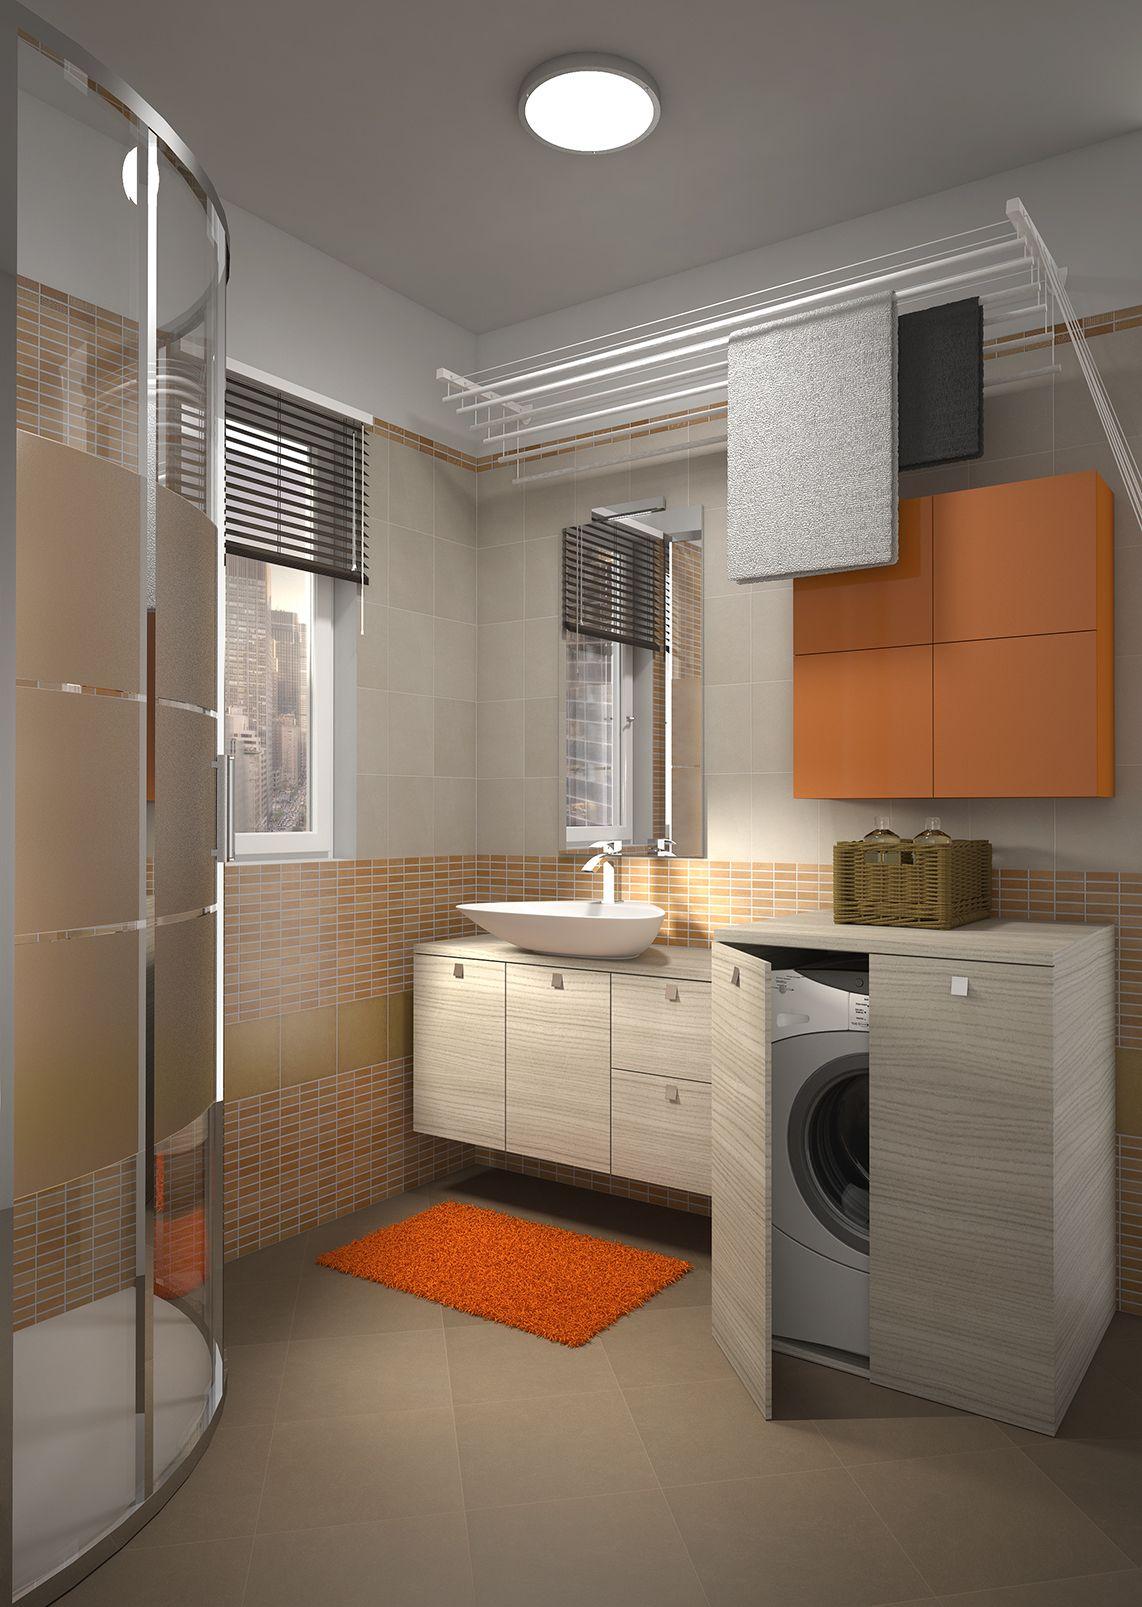 Idee fai da te tutorial per la casa e corsi in negozio progetta il tuo bagno pinterest for Progetta il tuo bagno